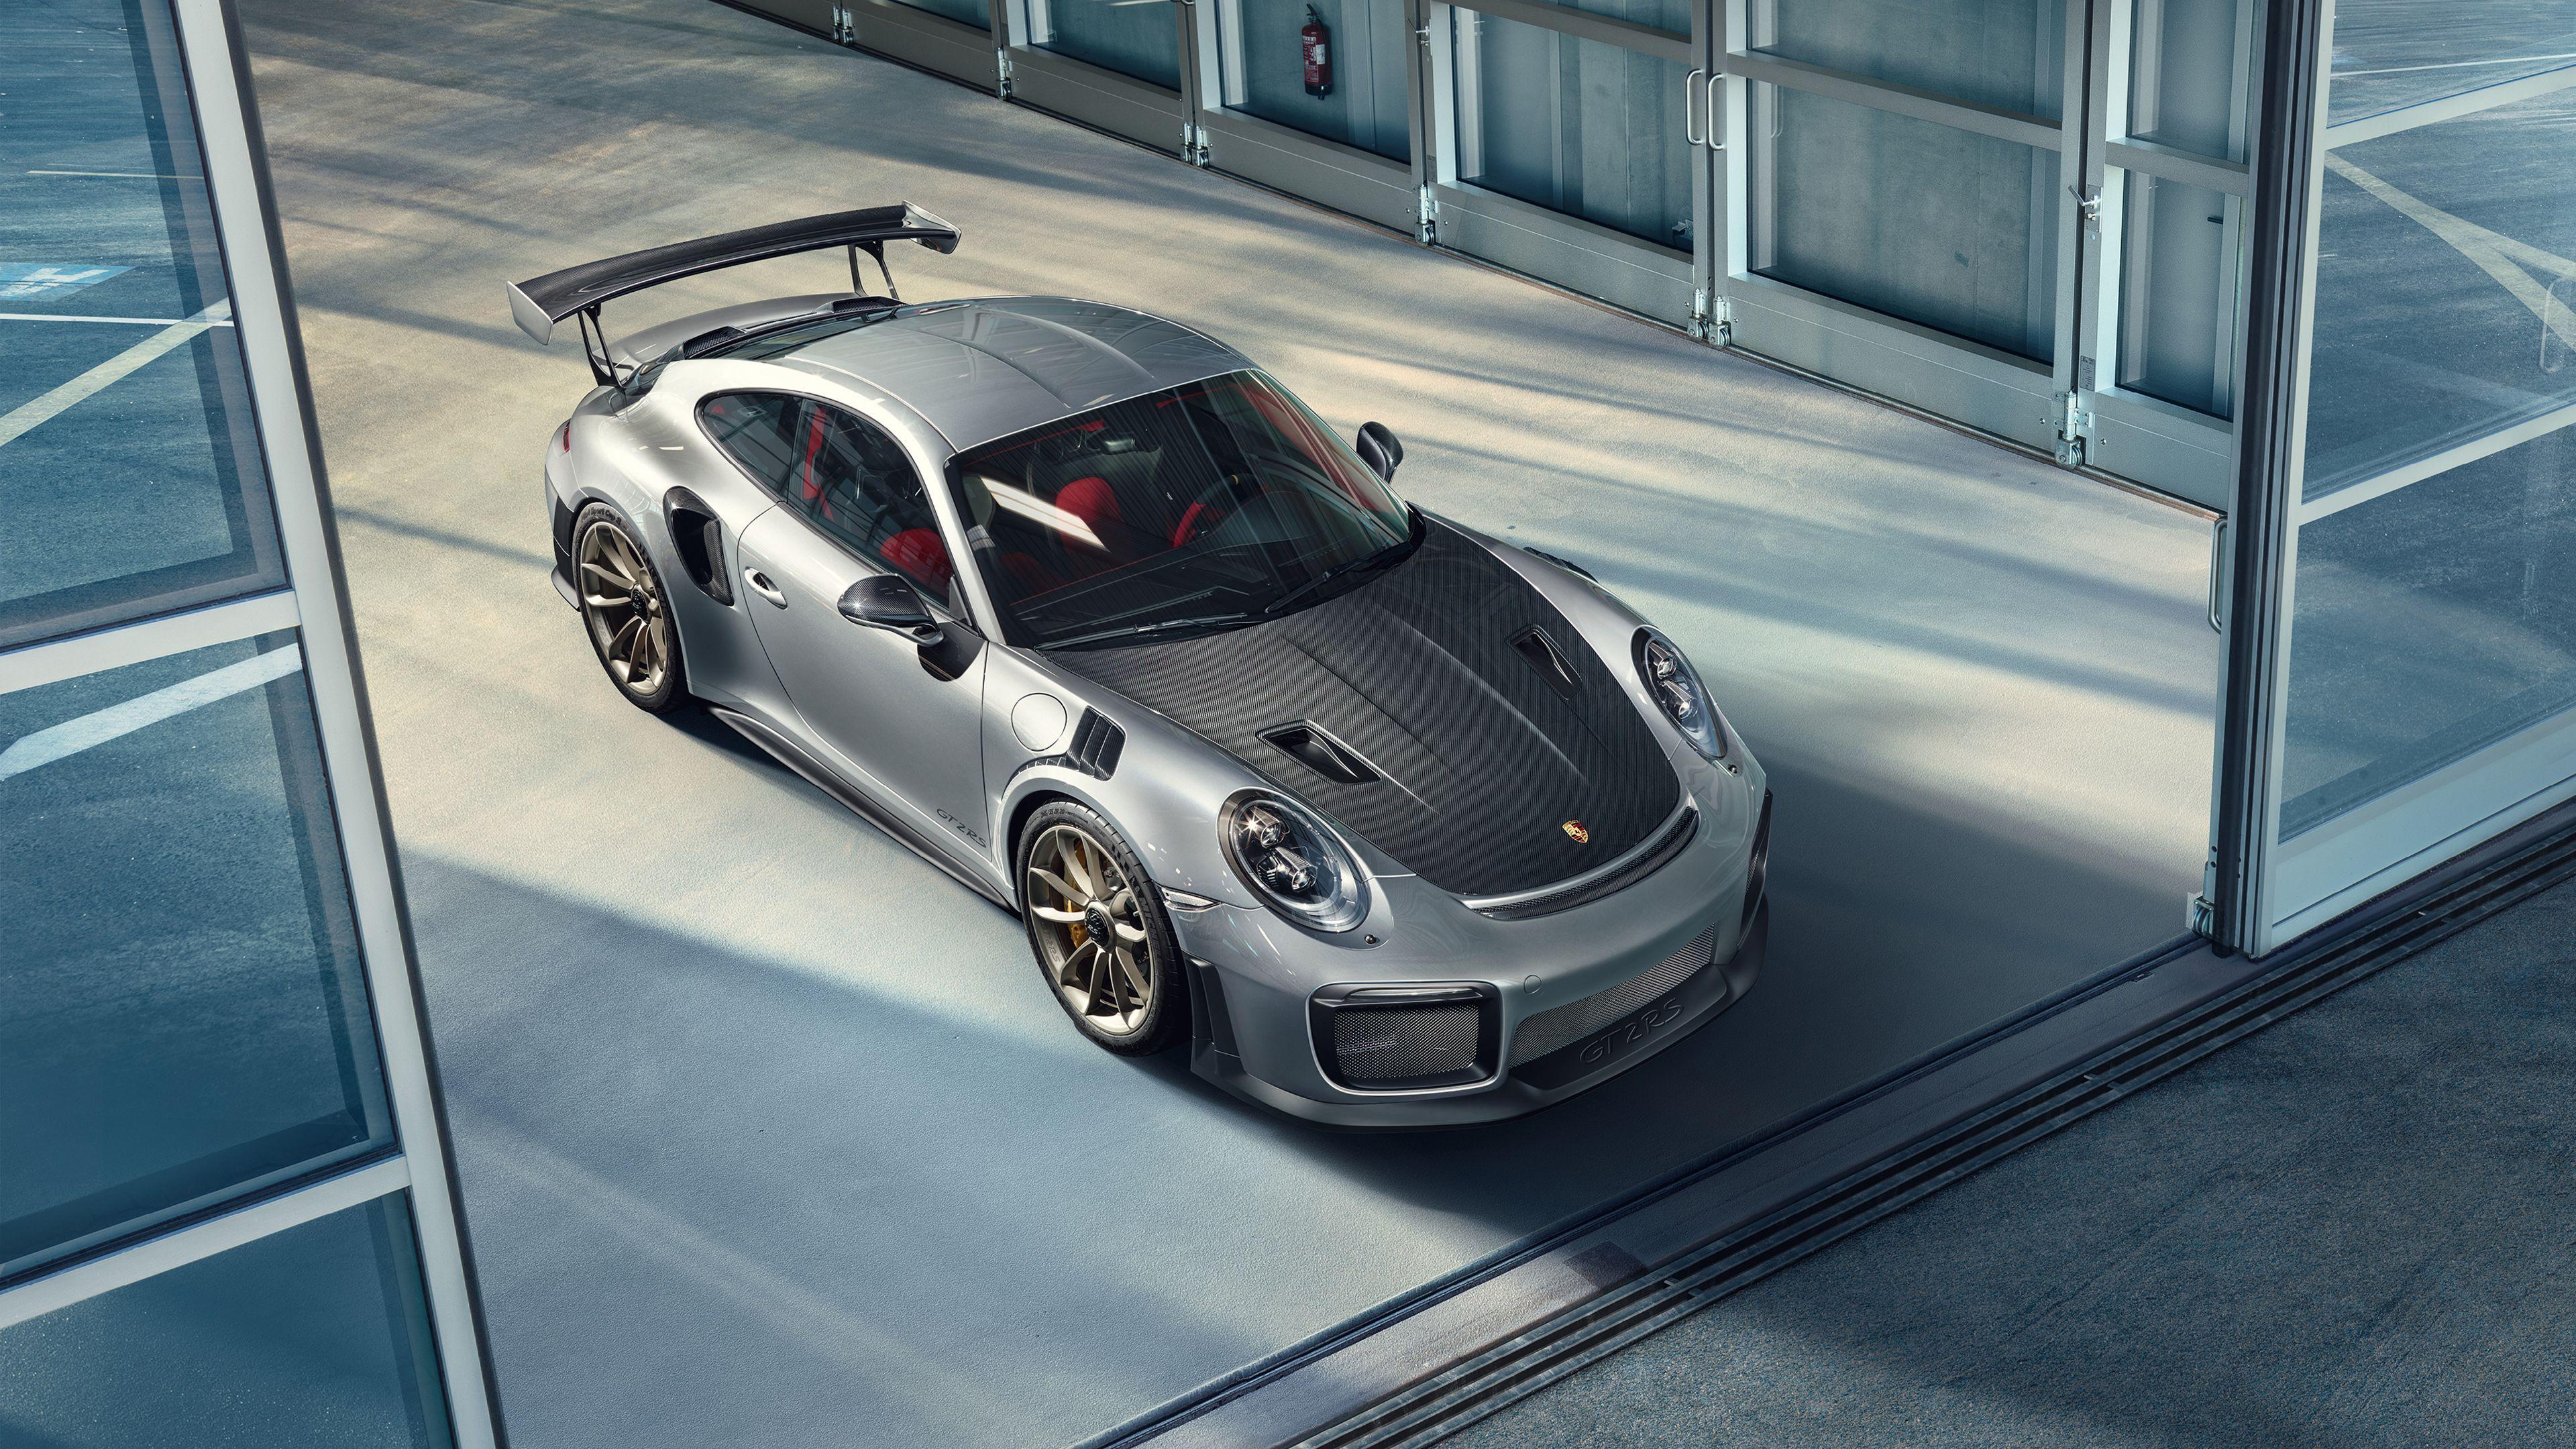 Porsche 911 Gt3 Rs 2018 Wallpapers Wallpaper Cave